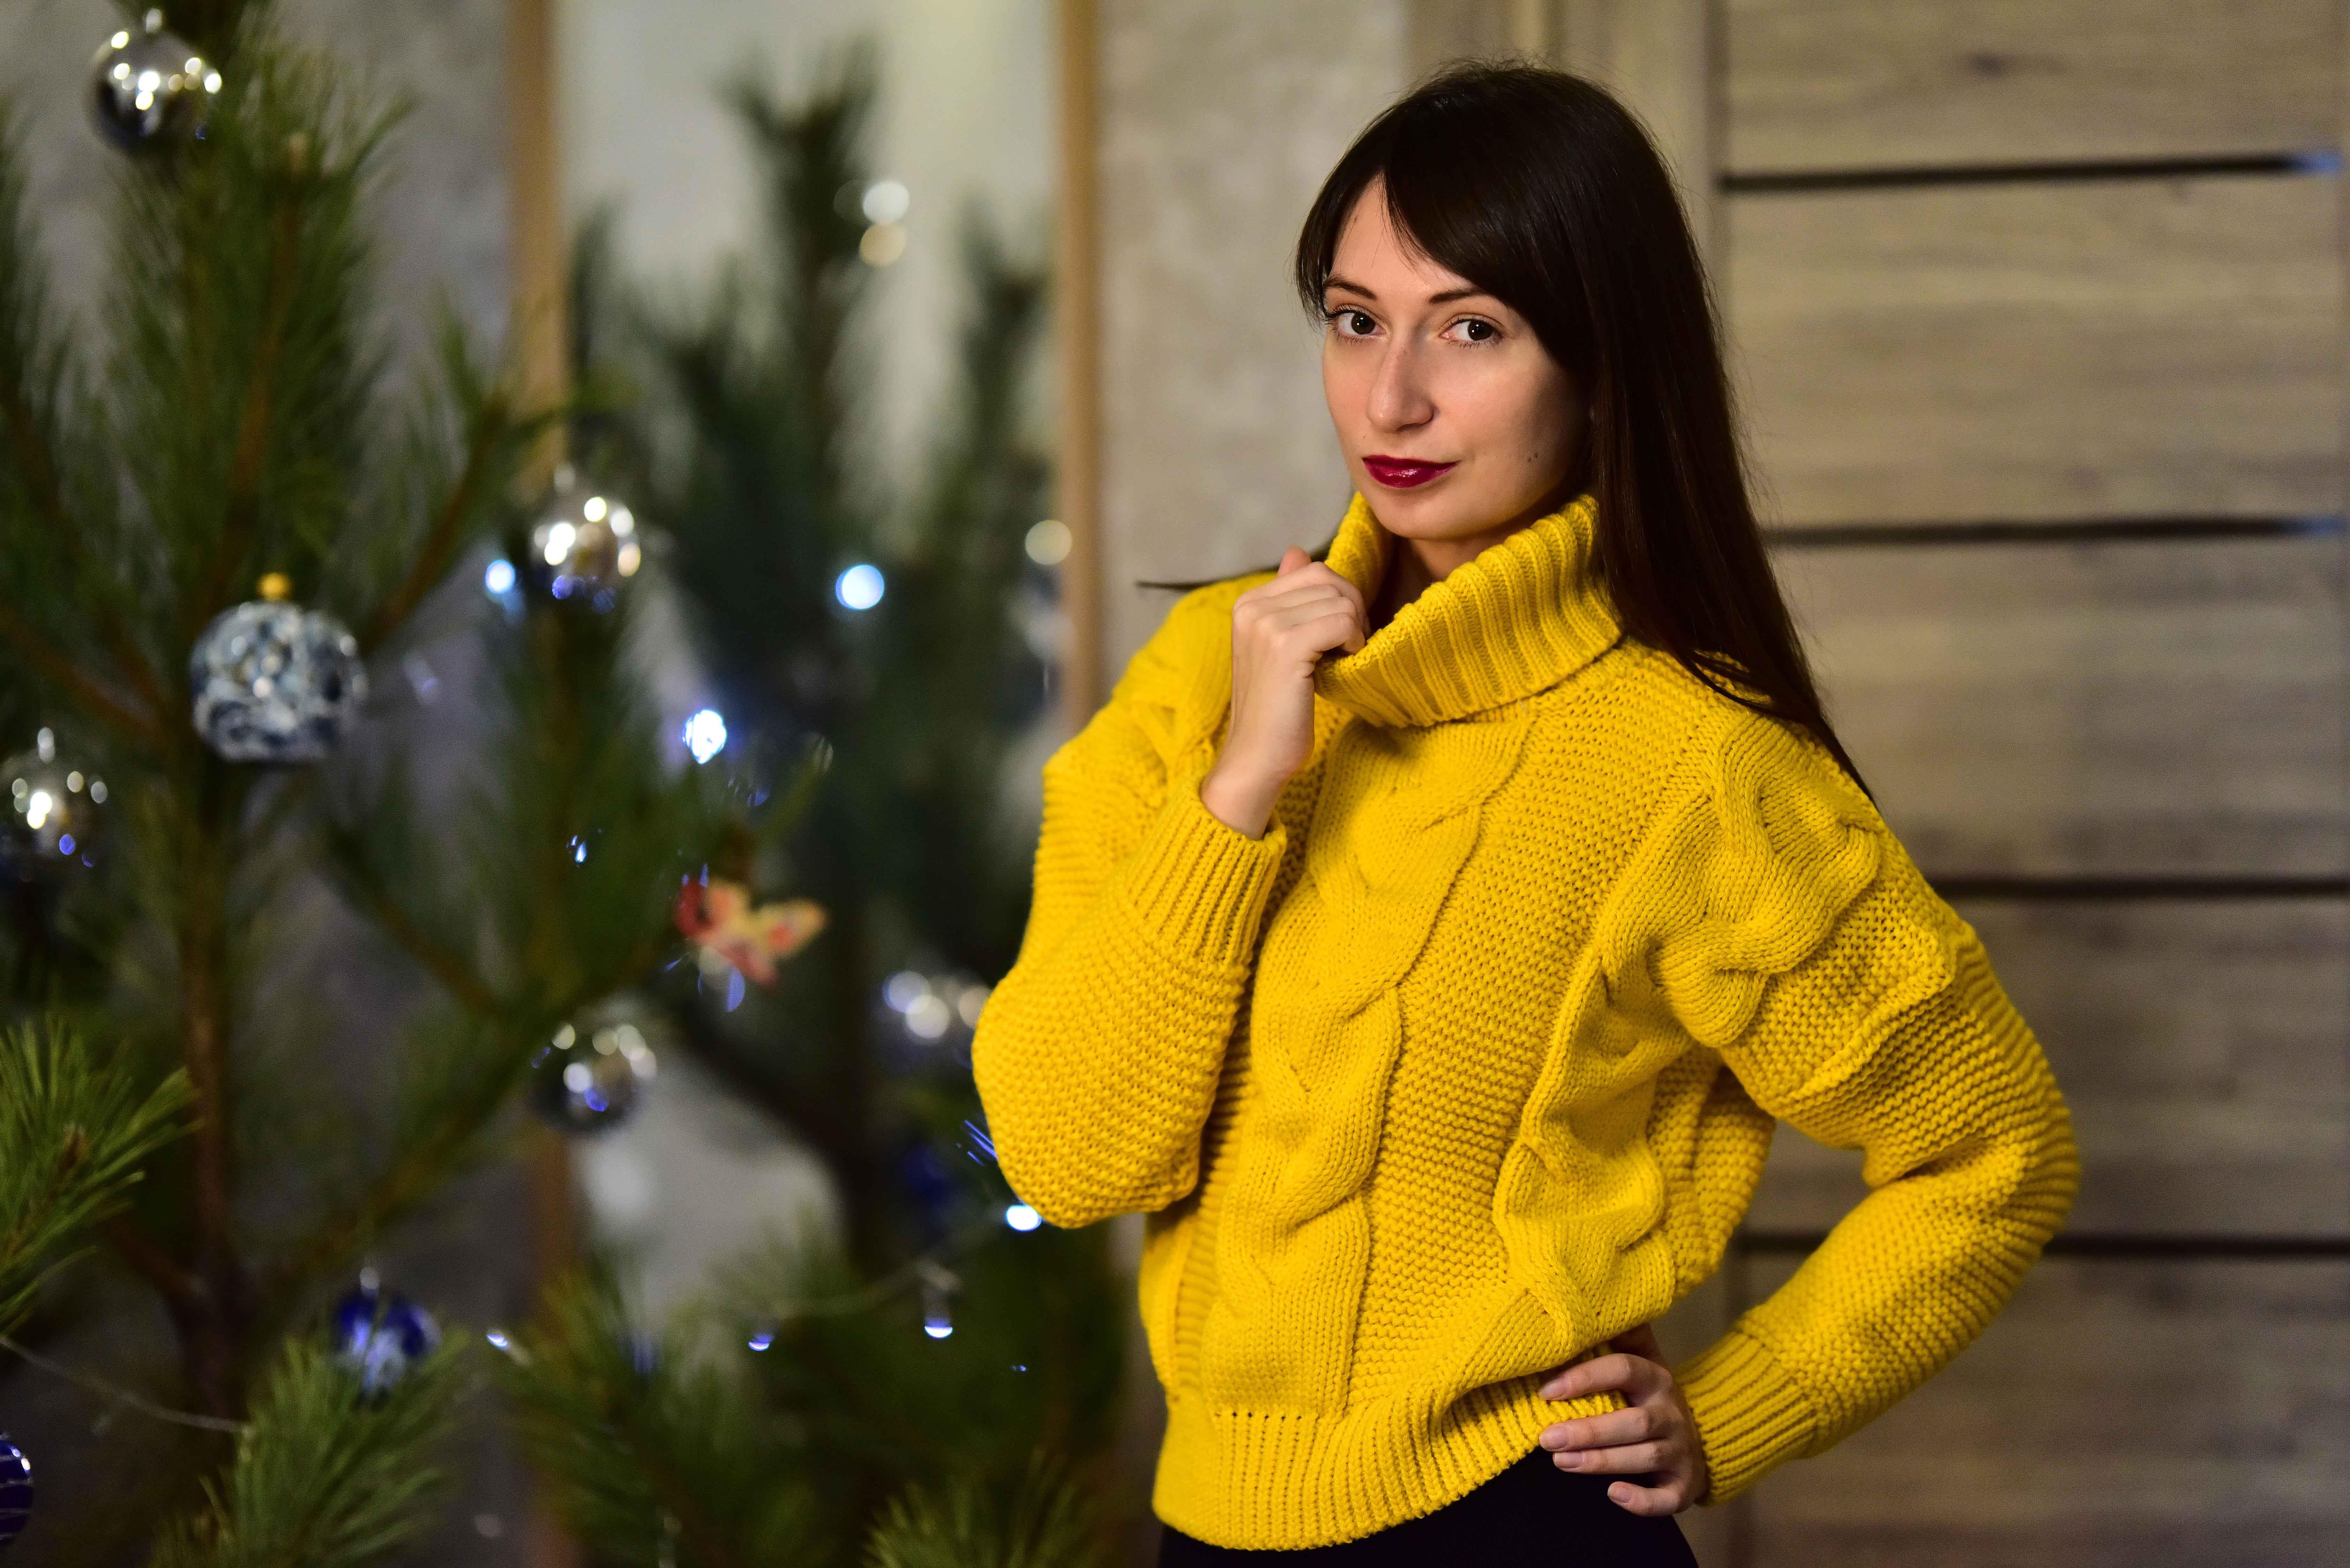 Тёплый жёлтый свитер от Tomorrow Store - обзор